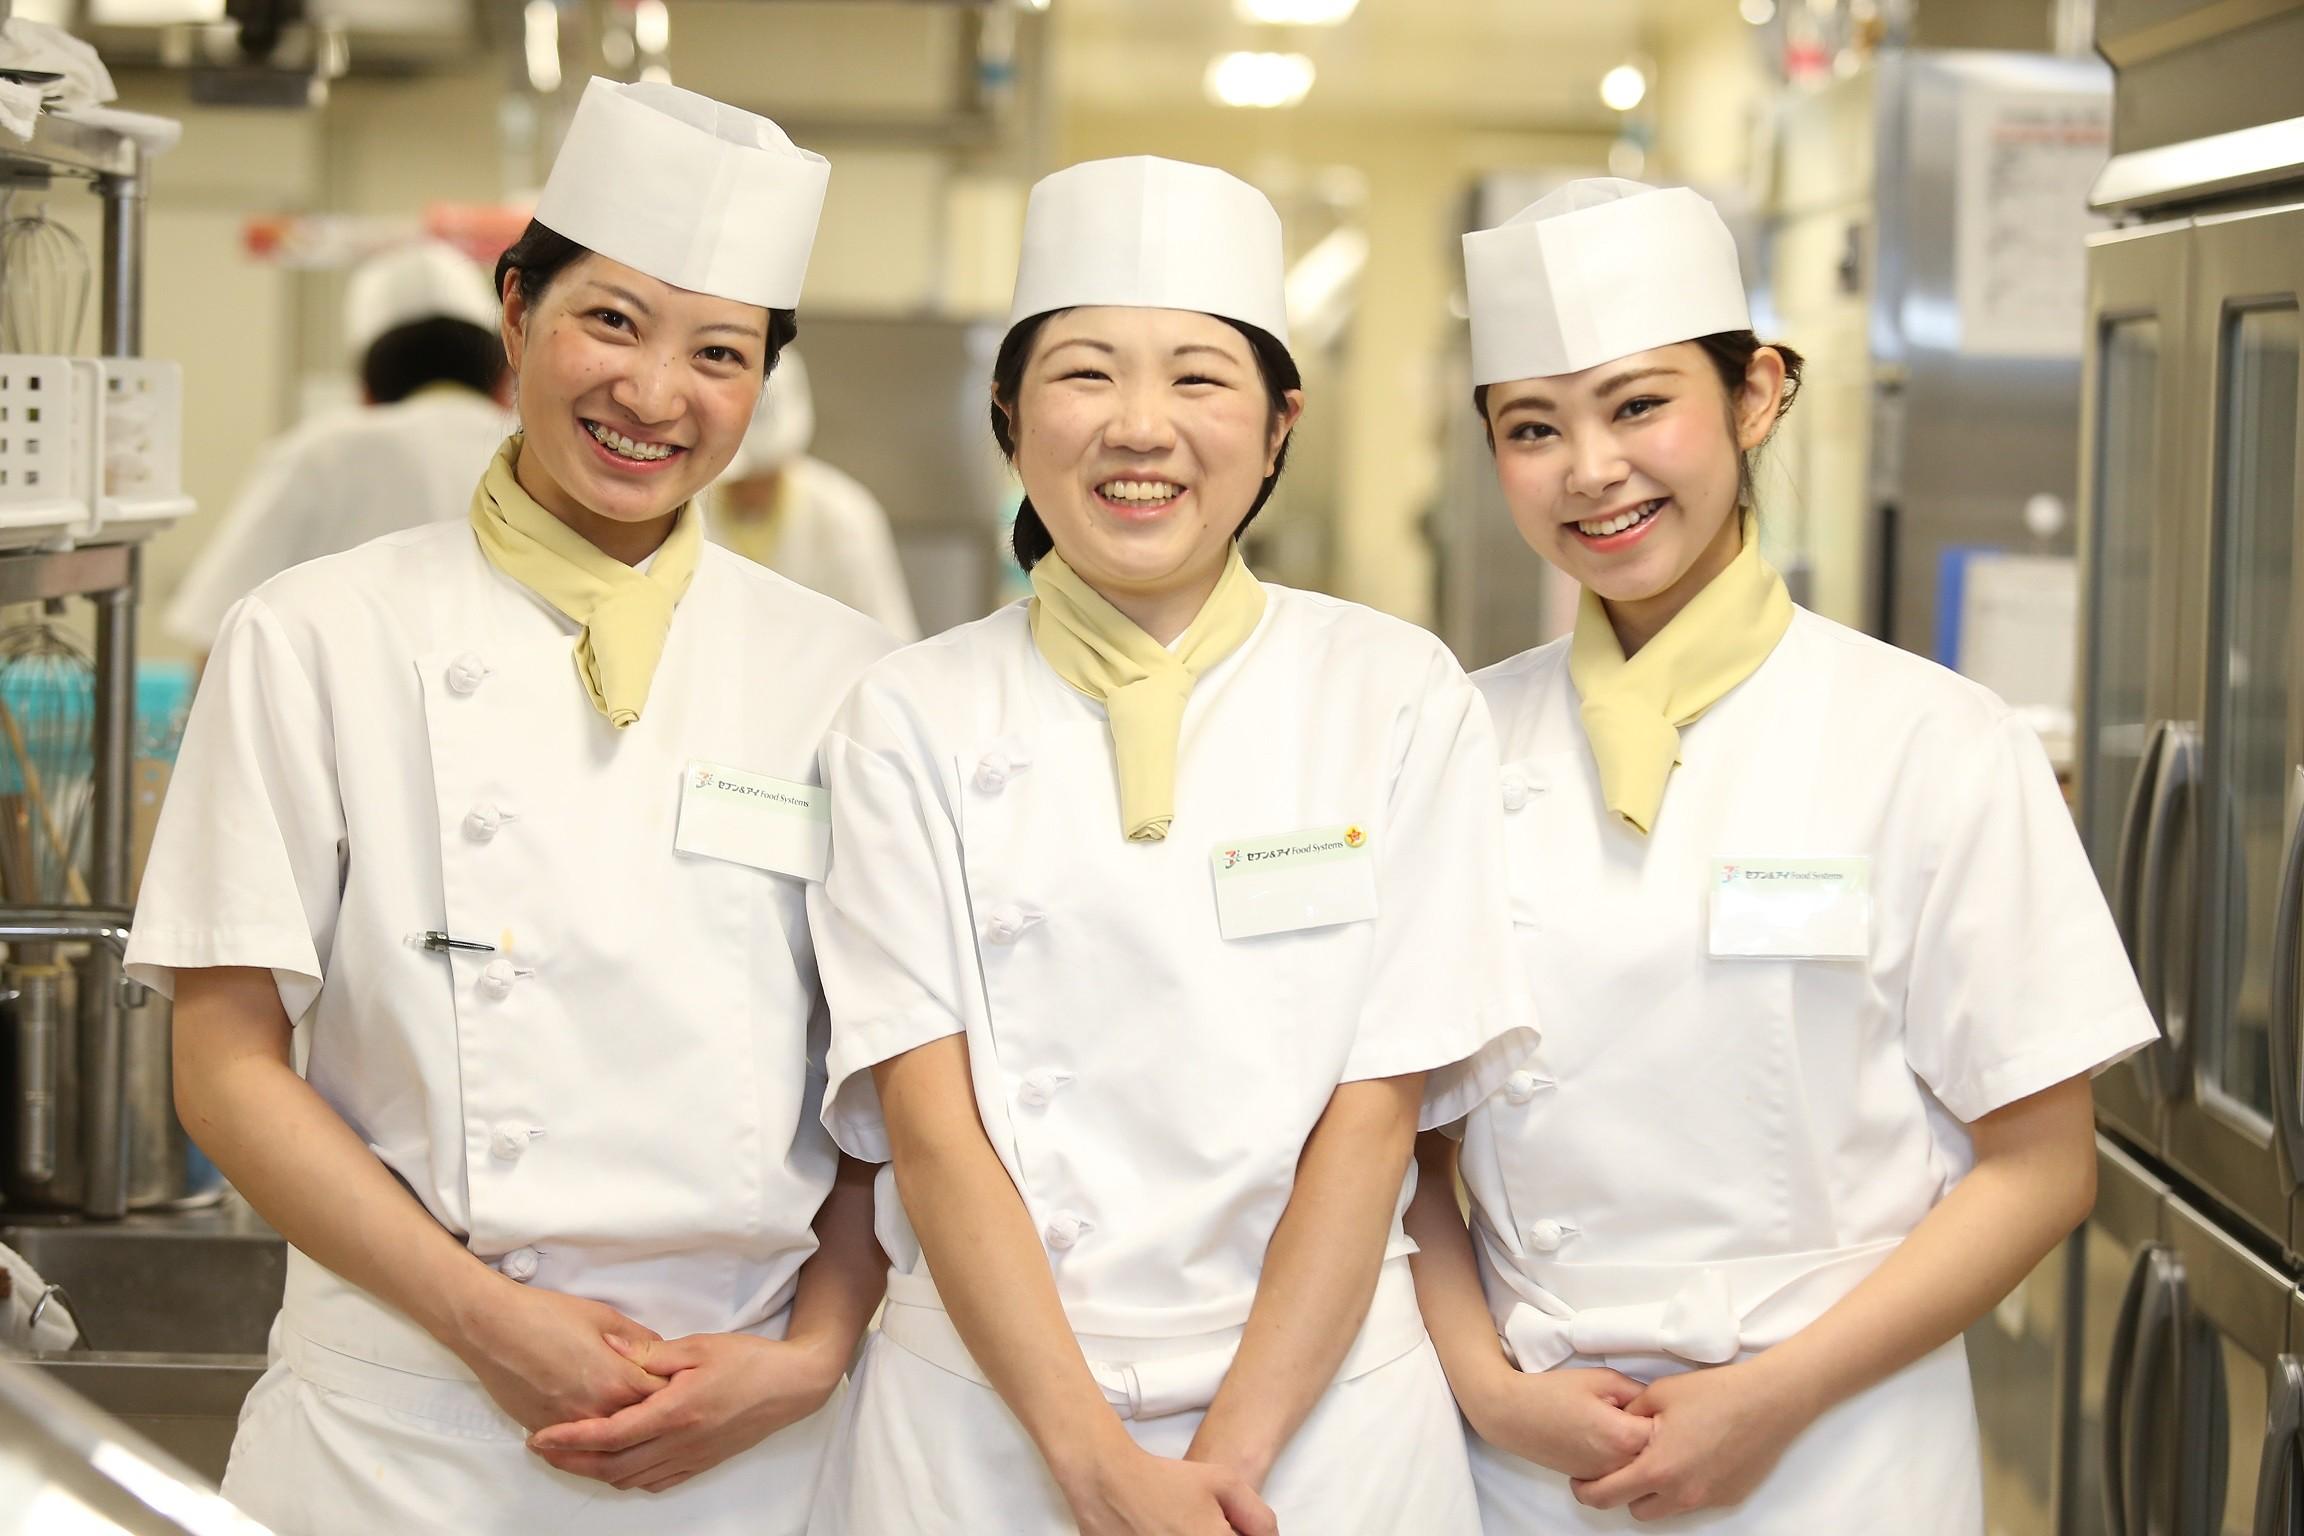 イトーヨーカドー奈良店 社員食堂のアルバイト情報